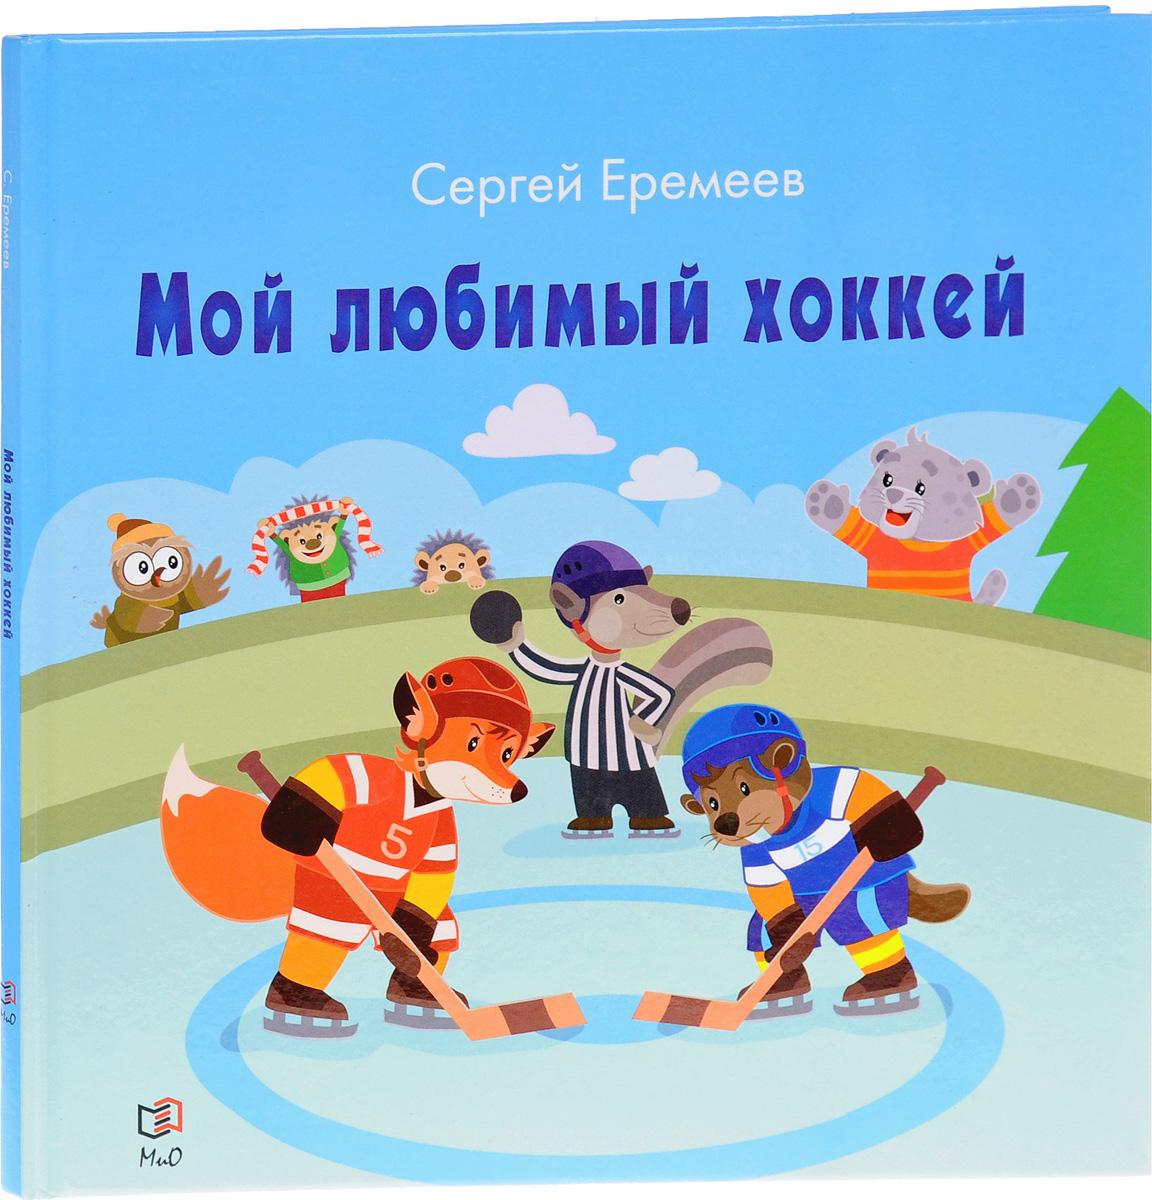 все цены на Сергей Еремеев Мой любимый хоккей онлайн